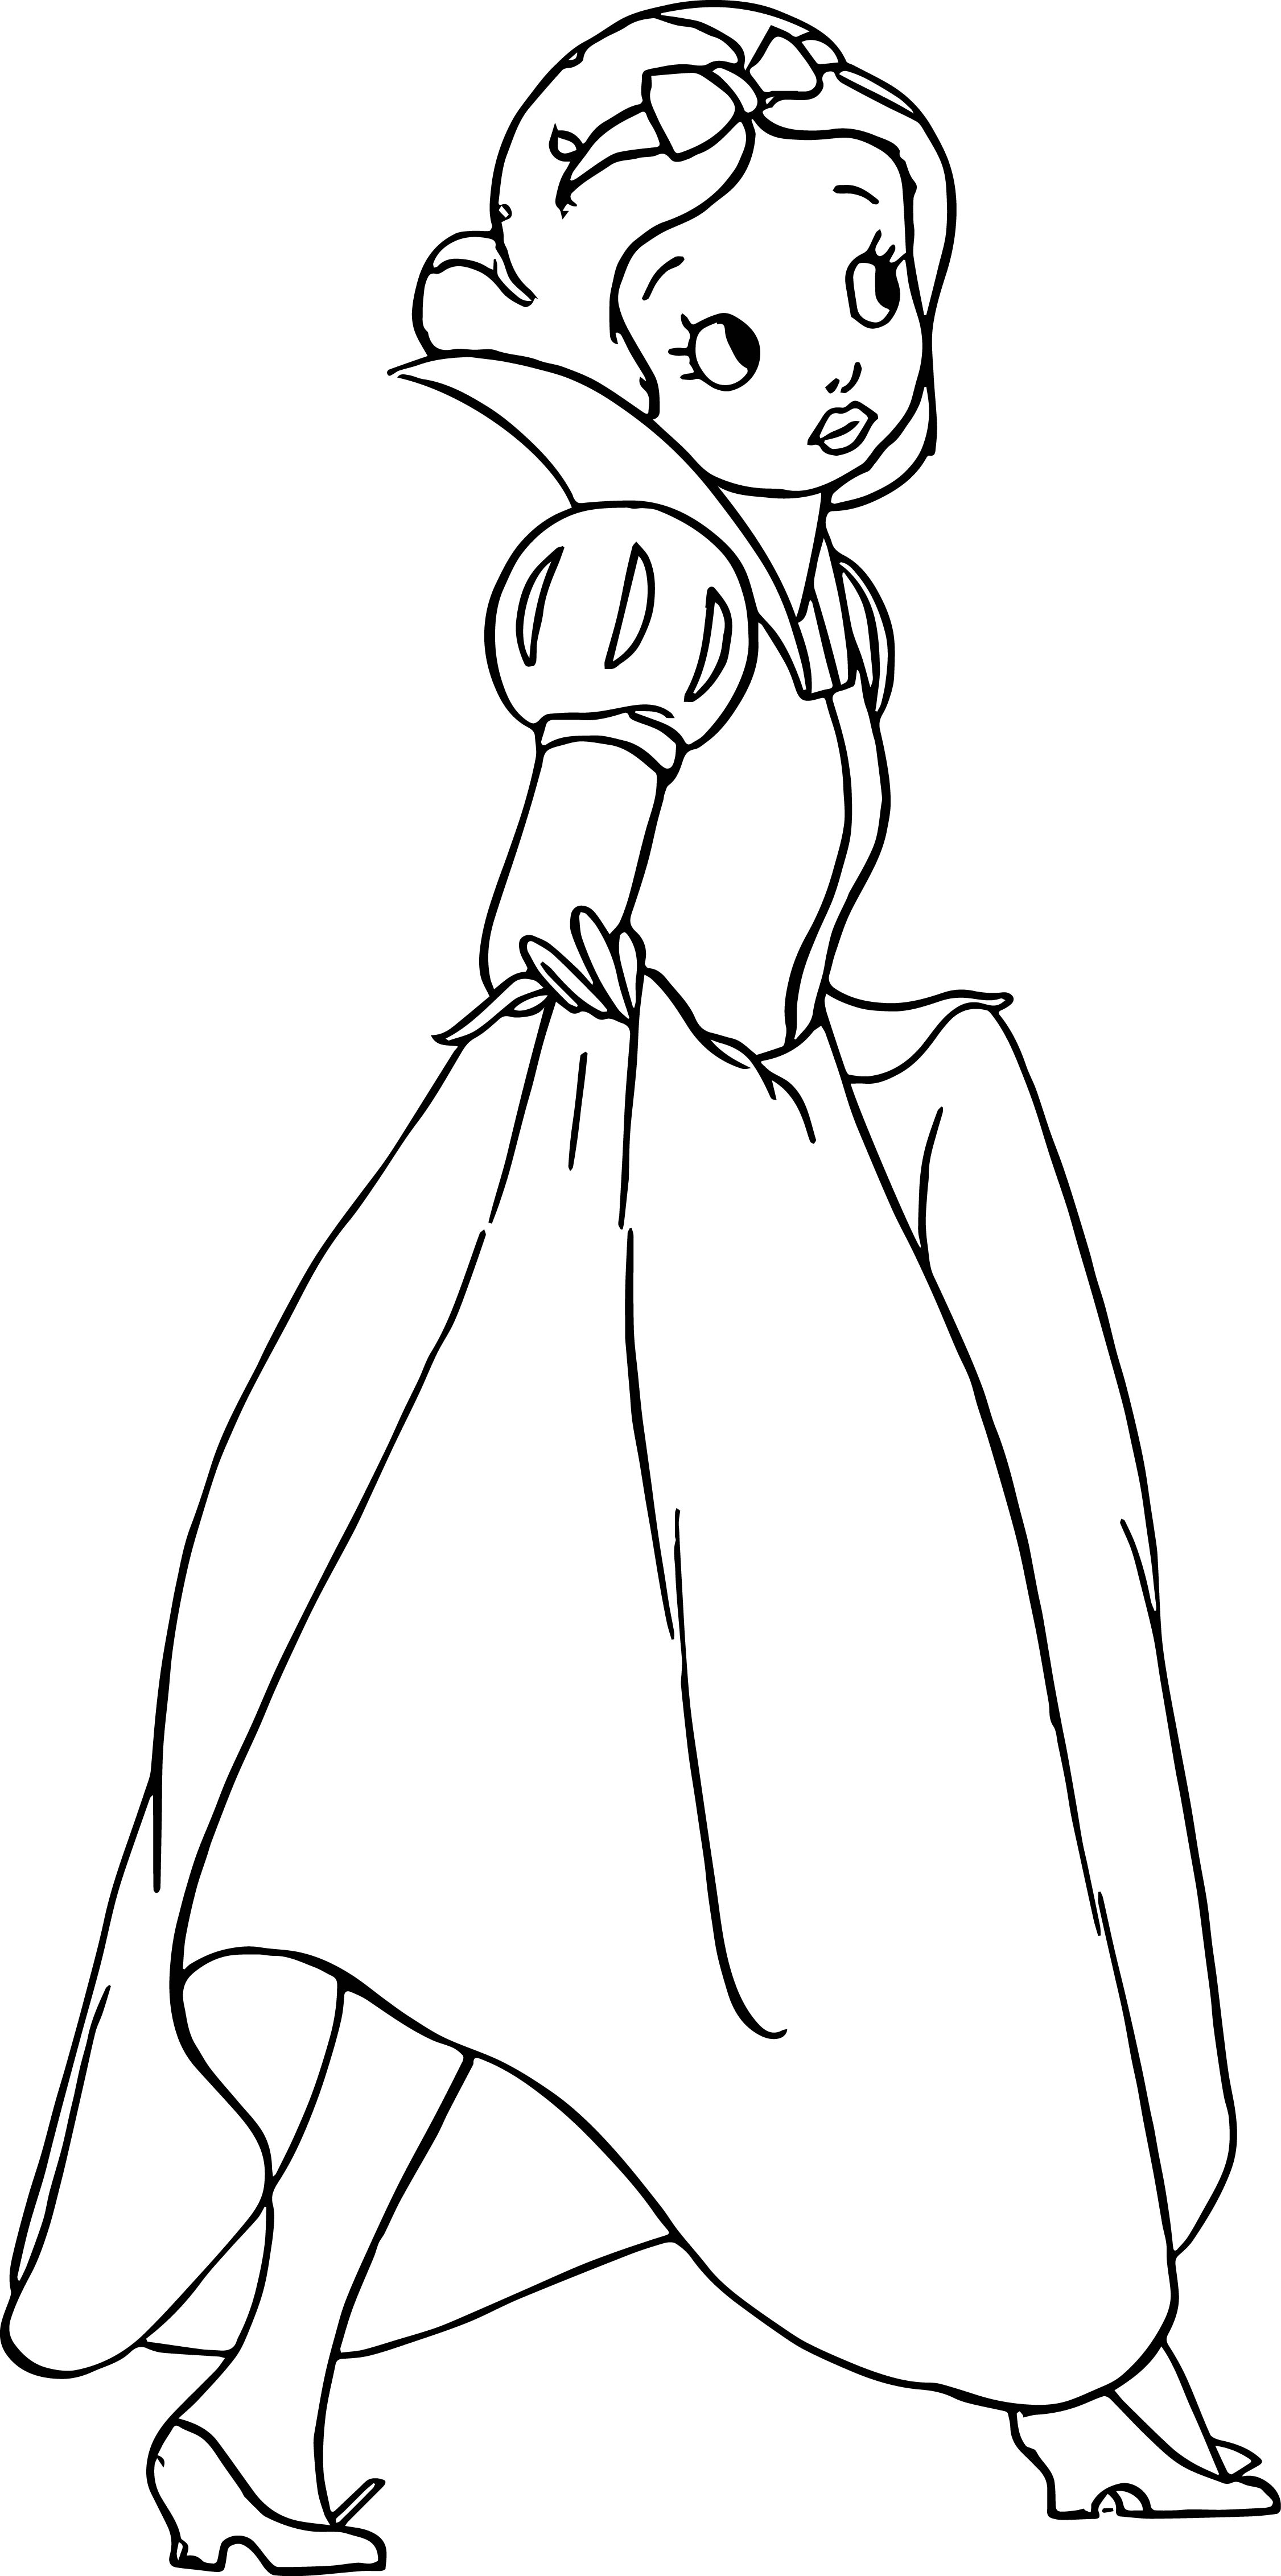 Betty Boop Cinderella Image Gallery Image Coloring Page